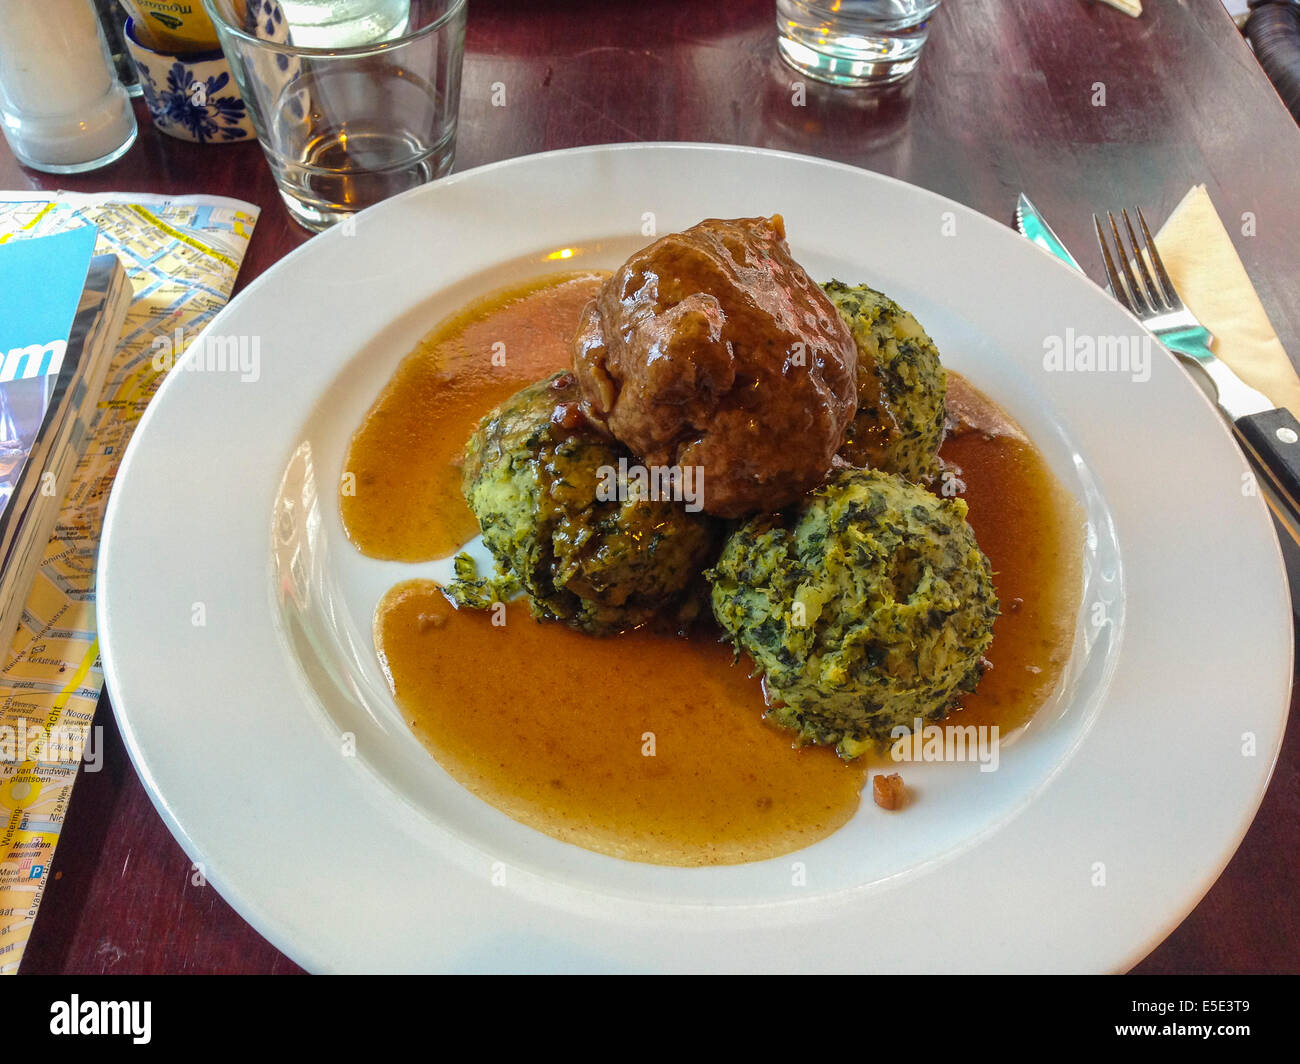 Amsterdam, Holland, Niederlande, Essen Auf Eine Platte, Traditionelle Niederländische  Küche Pantry Restaurant